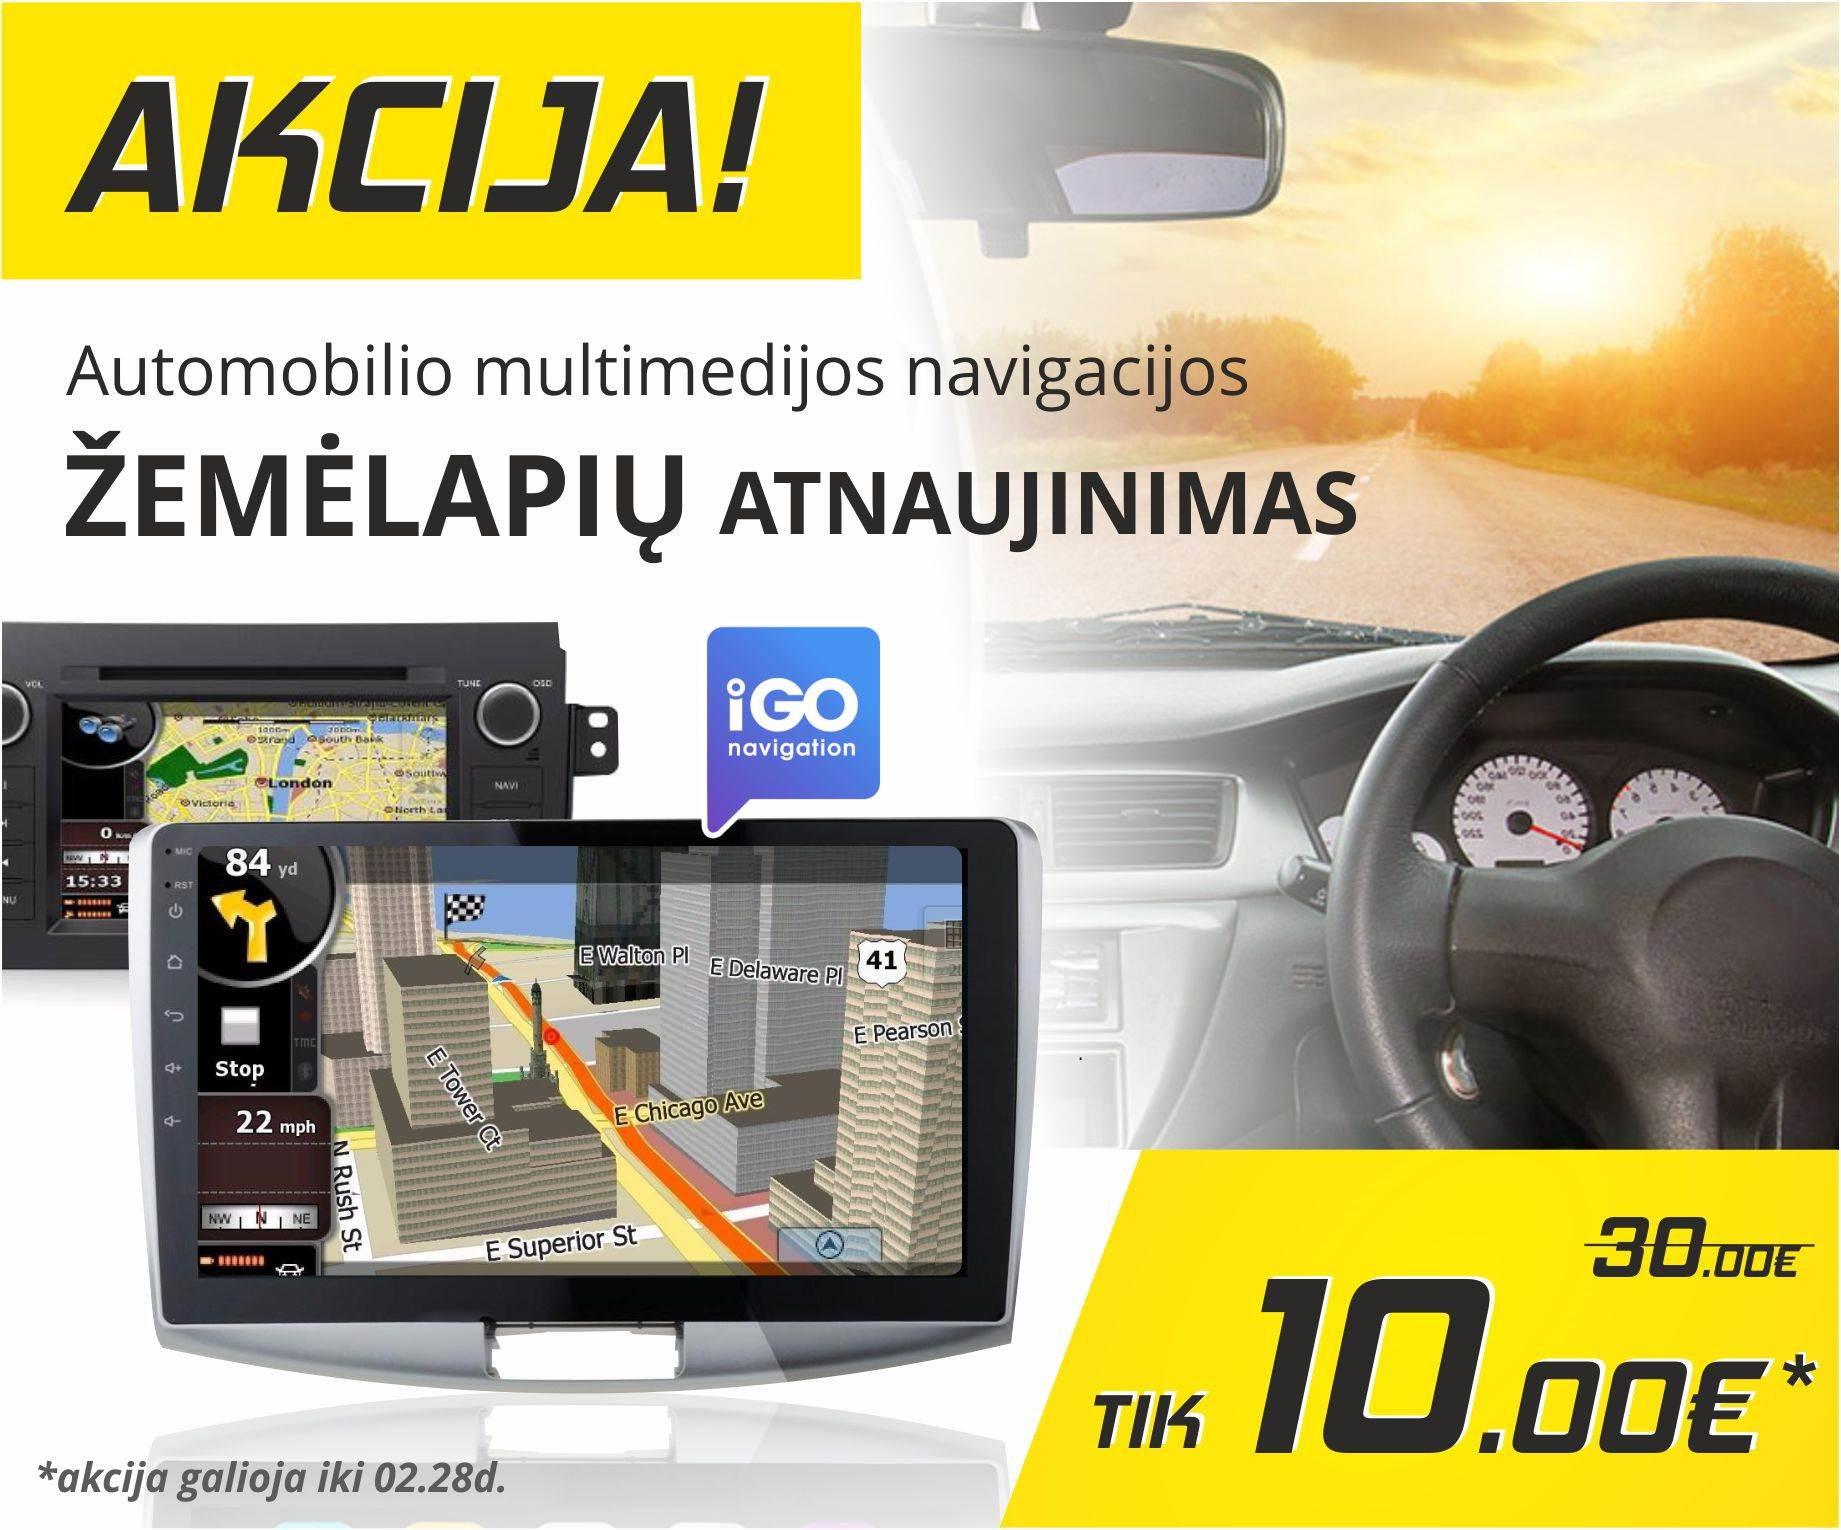 Akcija automobilio multimedijos navigacijos žemėlapių atnaujinimui